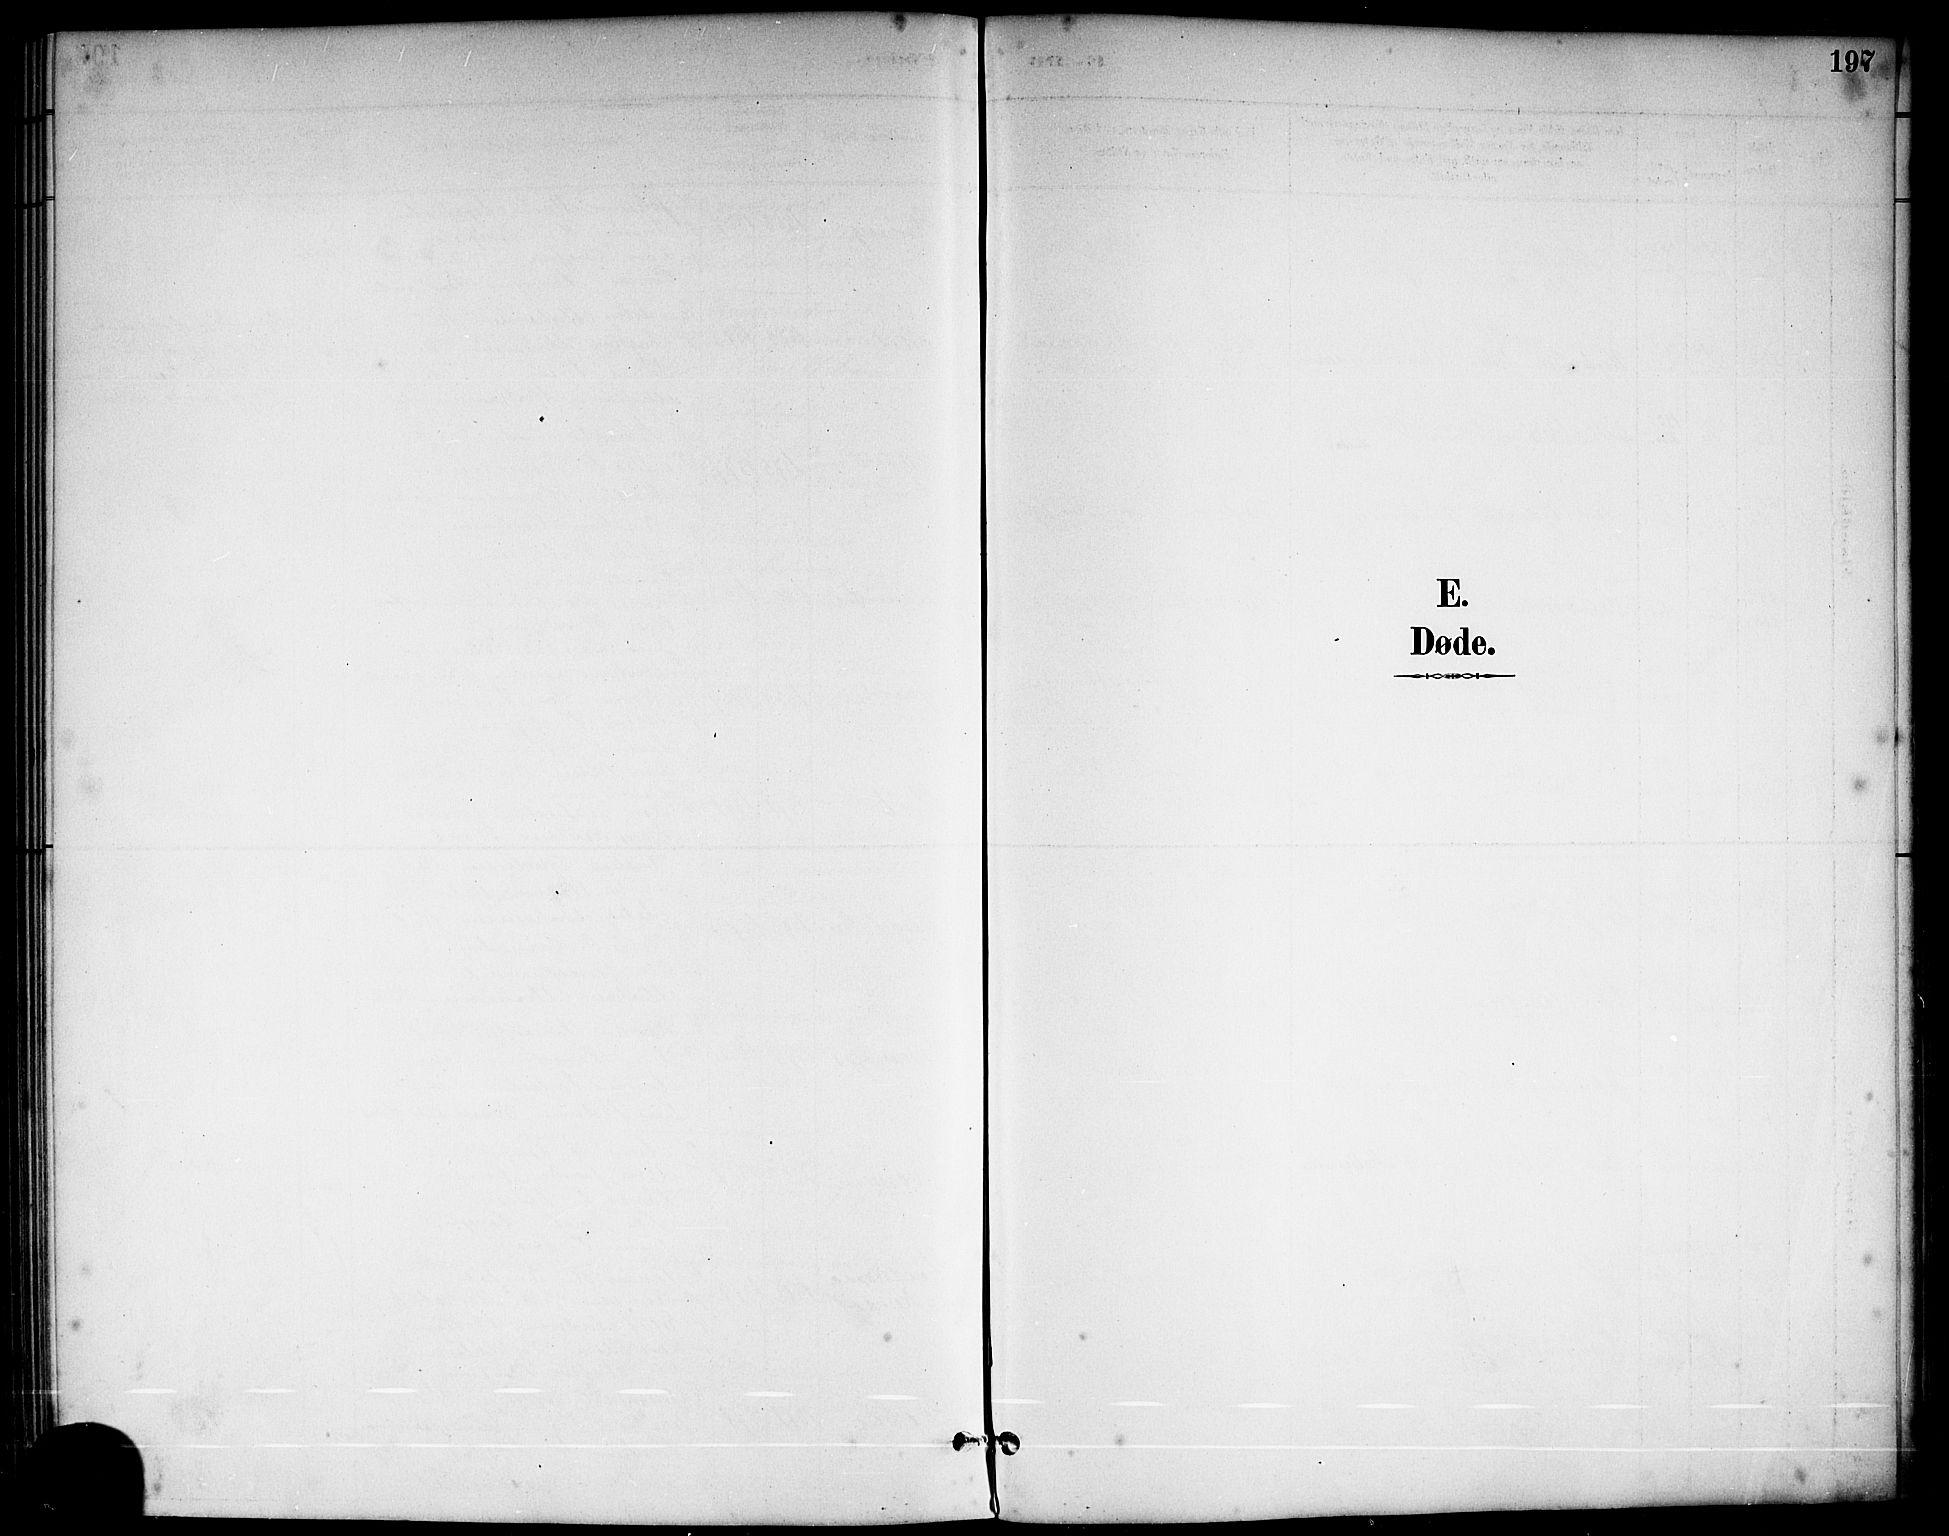 SAKO, Sannidal kirkebøker, G/Ga/L0003: Klokkerbok nr. 3, 1887-1922, s. 197